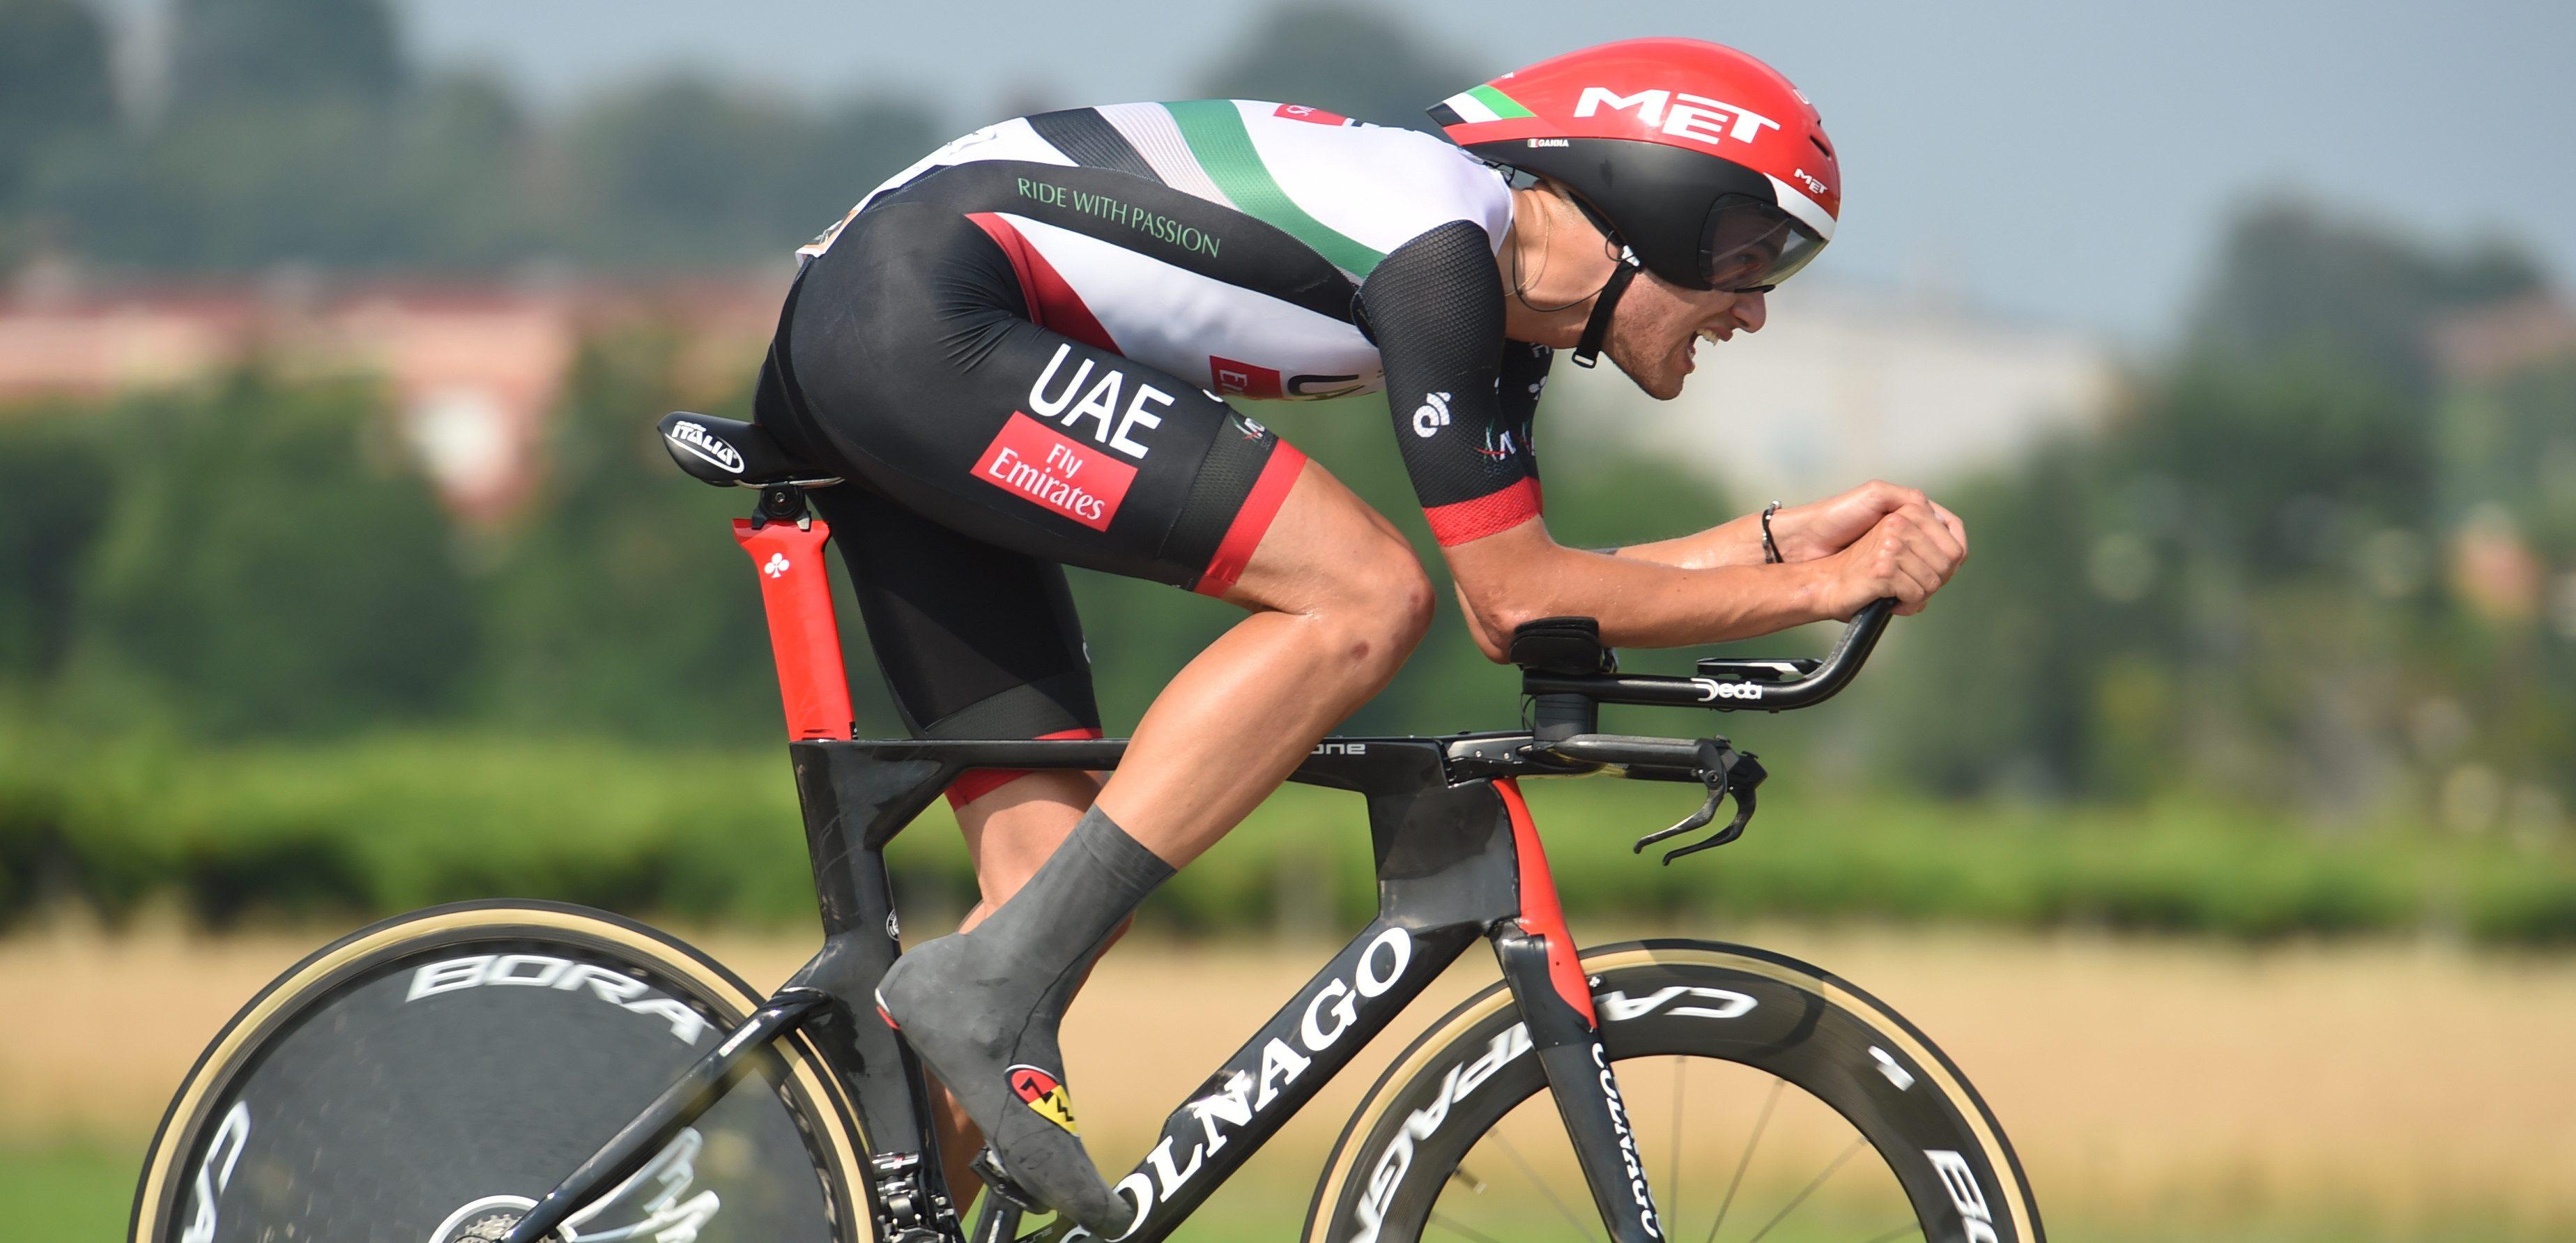 Tijdritmachine Ganna op het Italiaans kampioenschap tegen de klok -